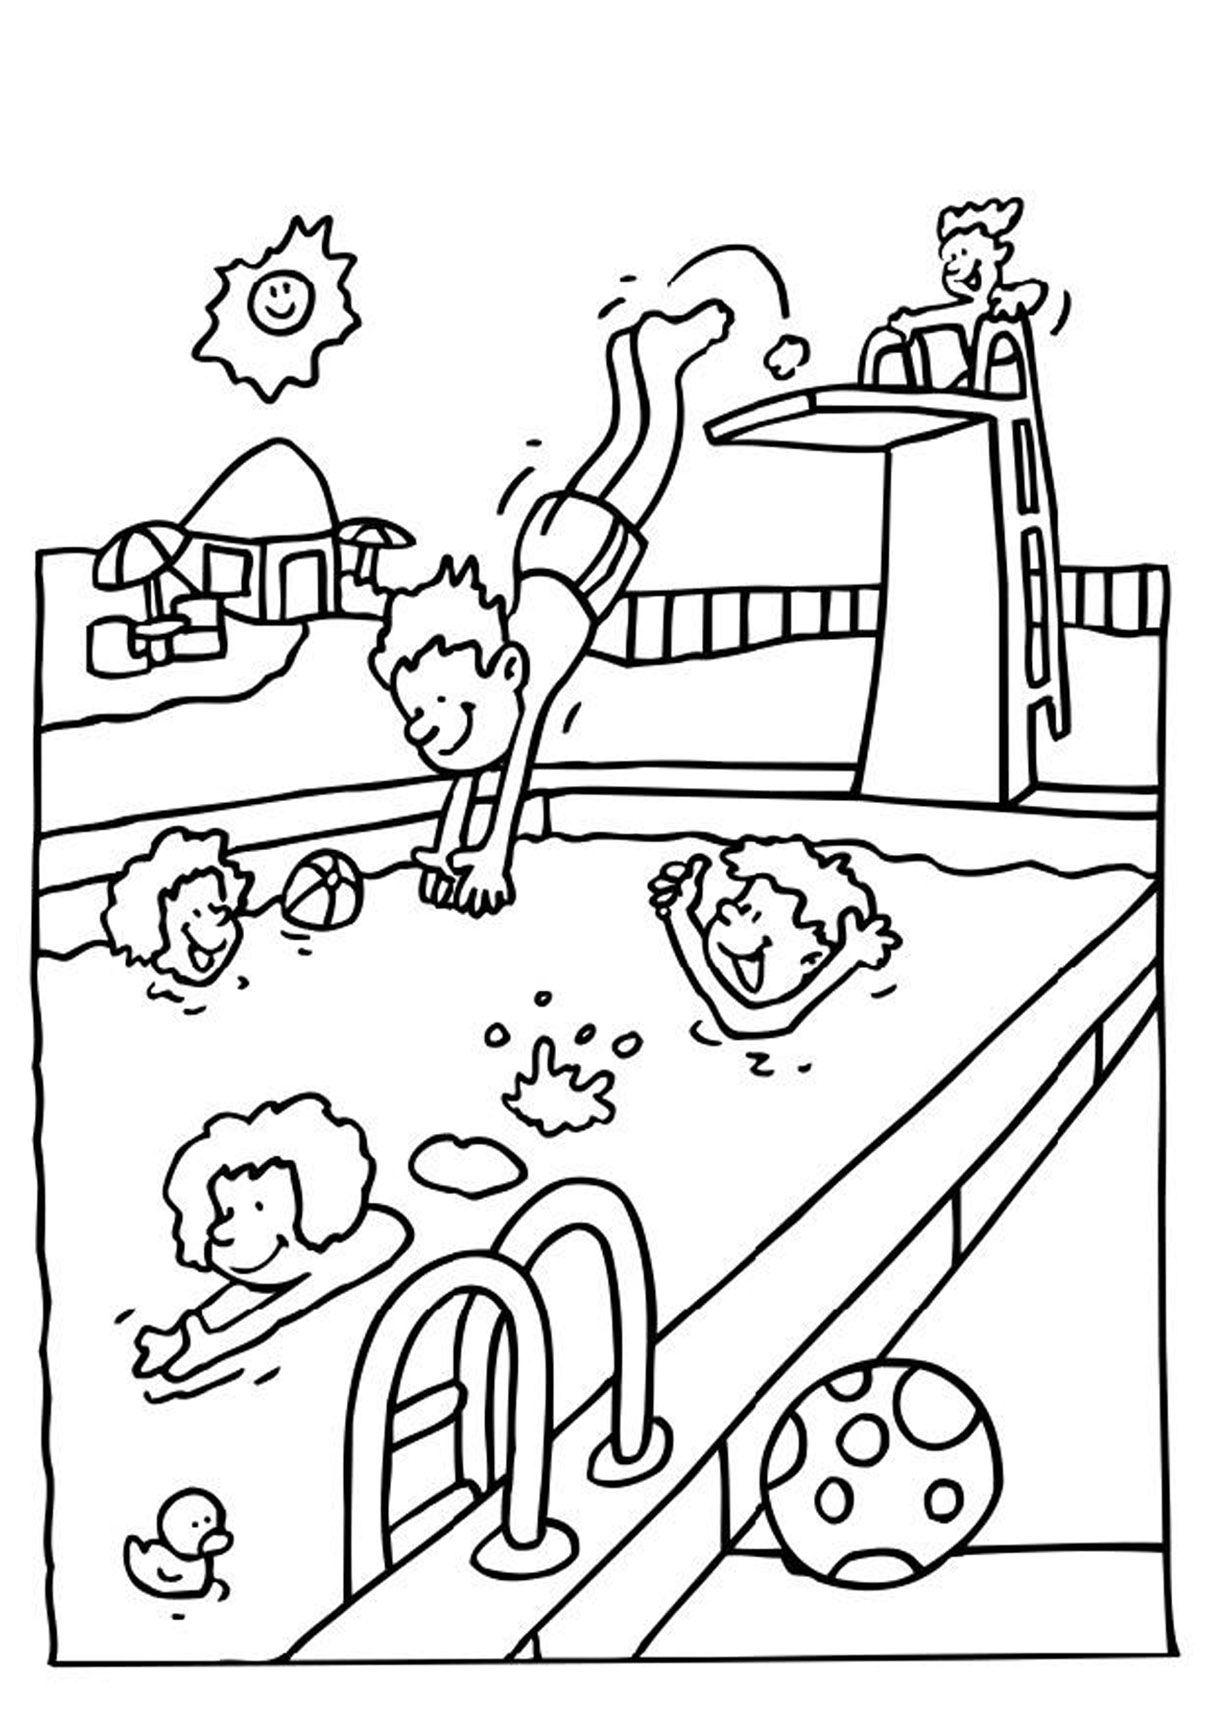 dessin groupe enfants dans piscine recherche google amies amis en 2018 pinterest. Black Bedroom Furniture Sets. Home Design Ideas